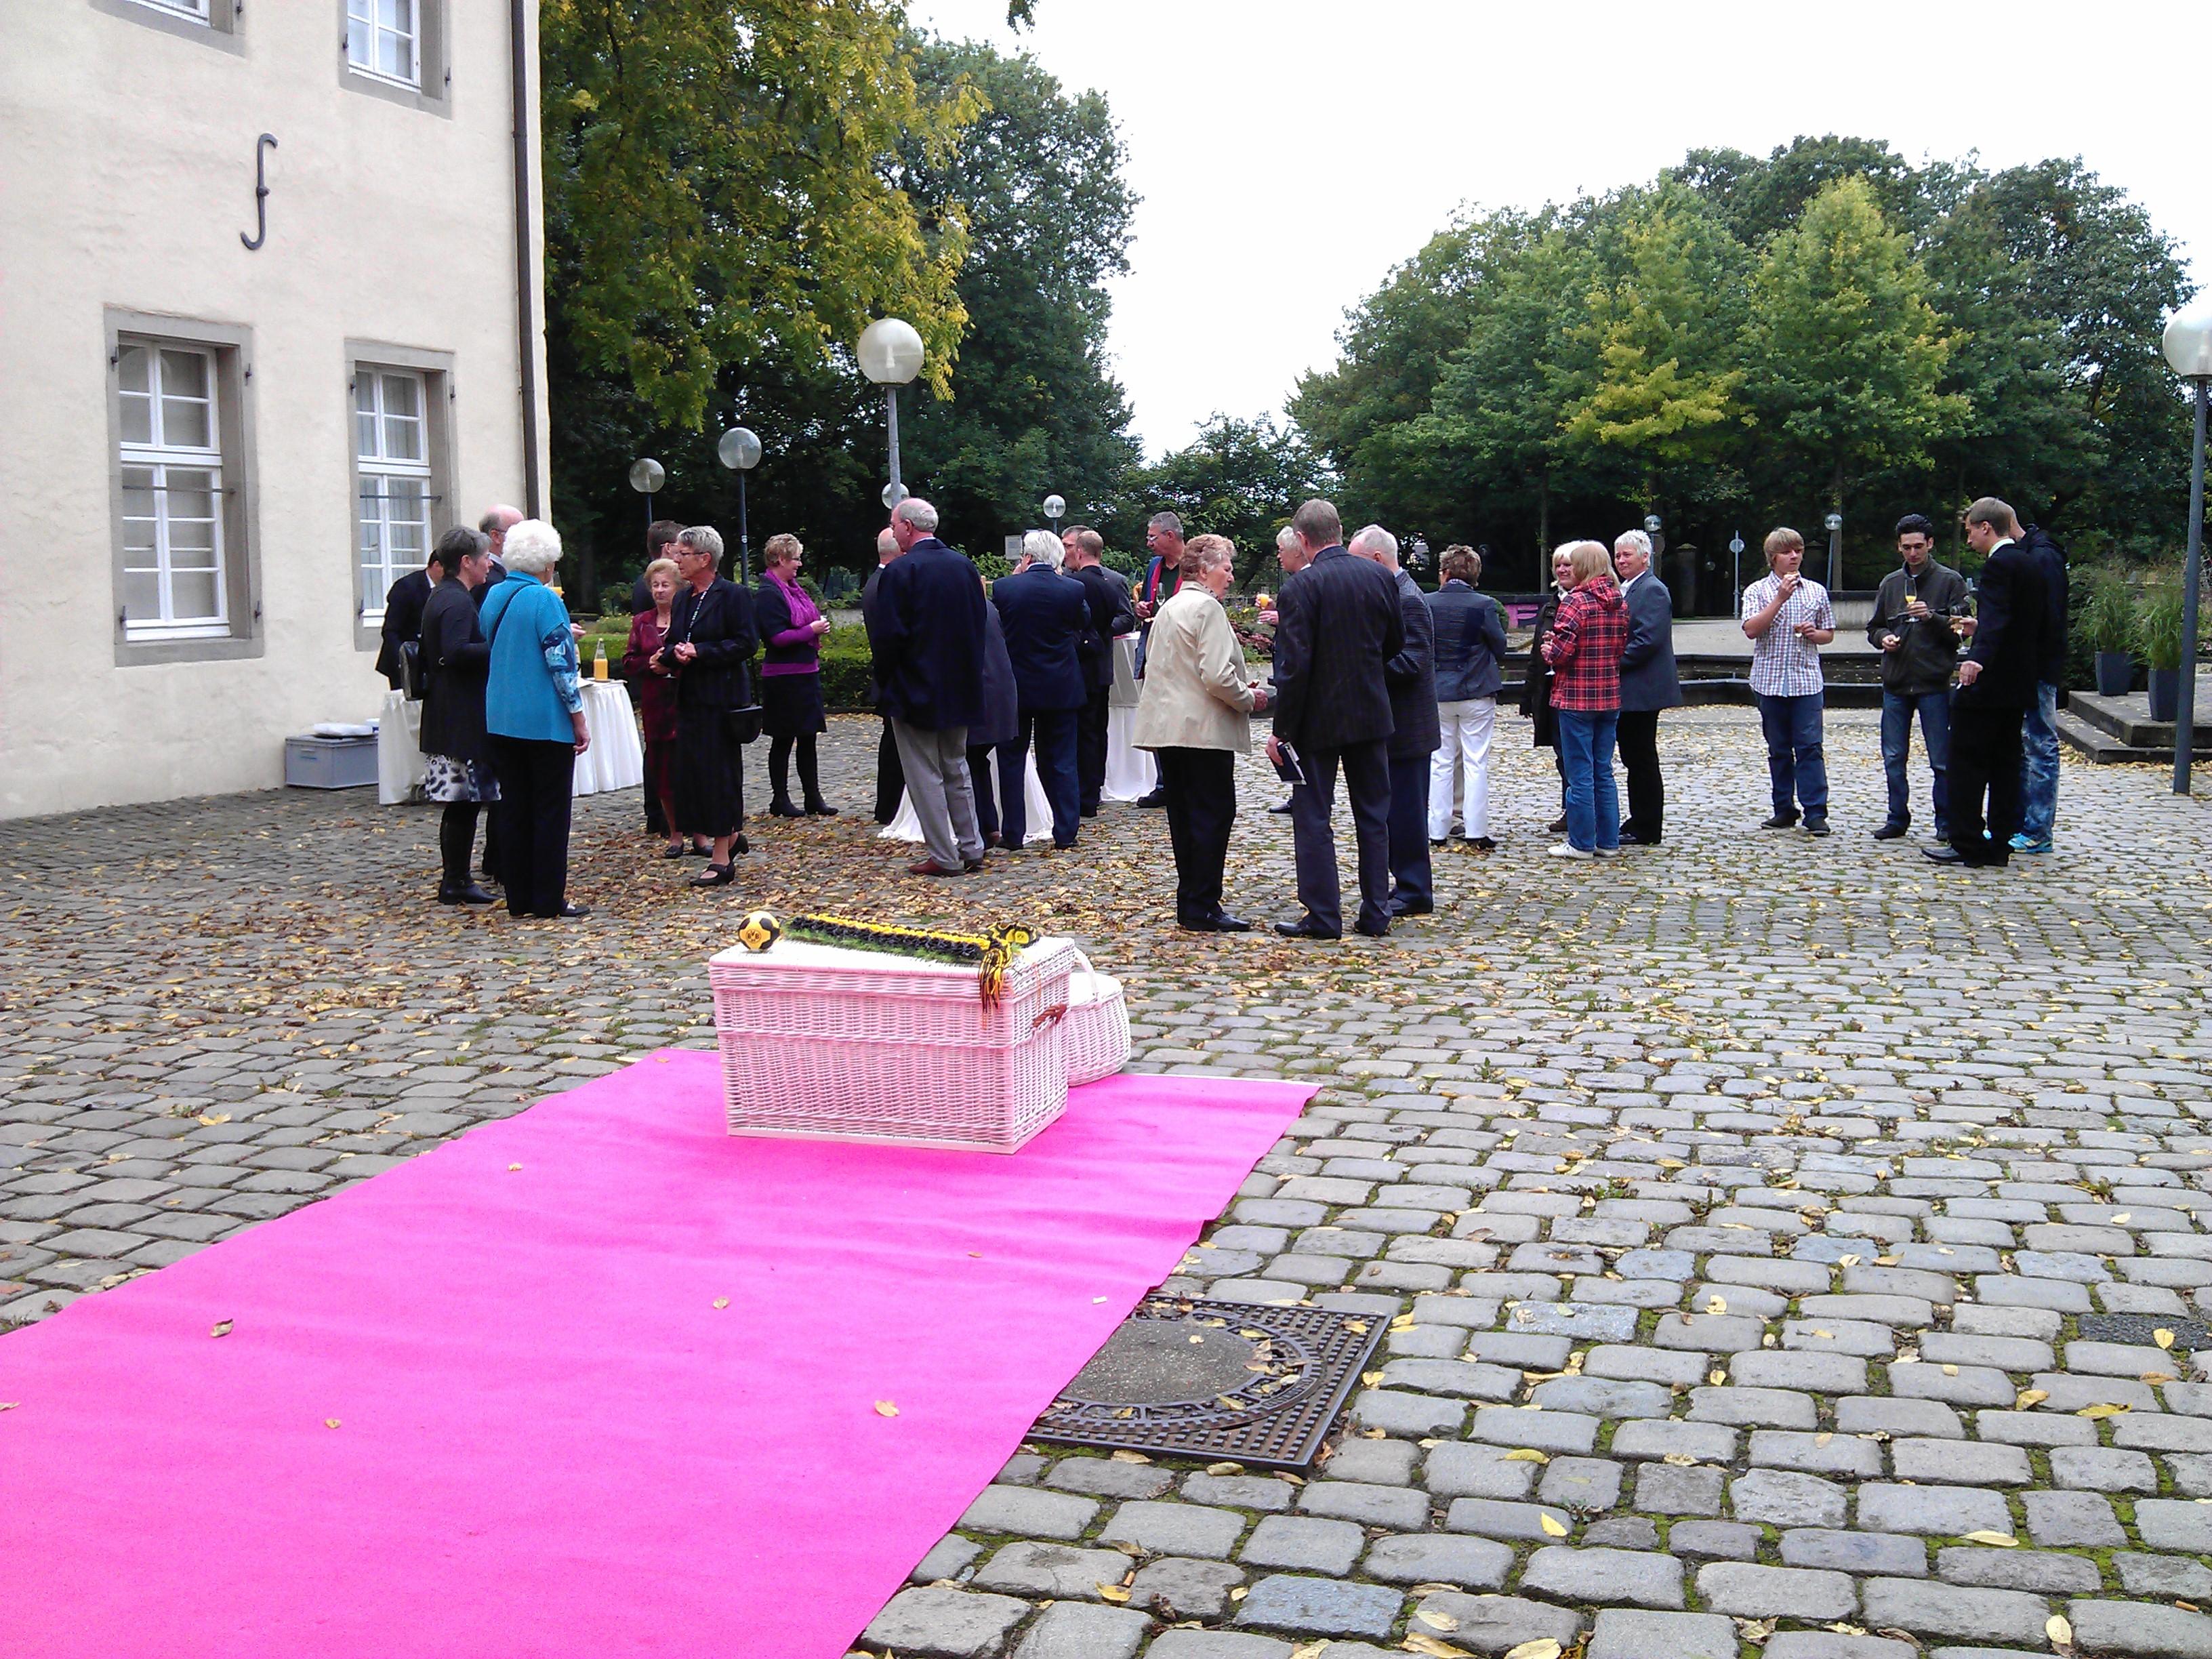 Sektempfang Schloss Martfeld Schwelm -9 | ©ihrehochzeitstauben